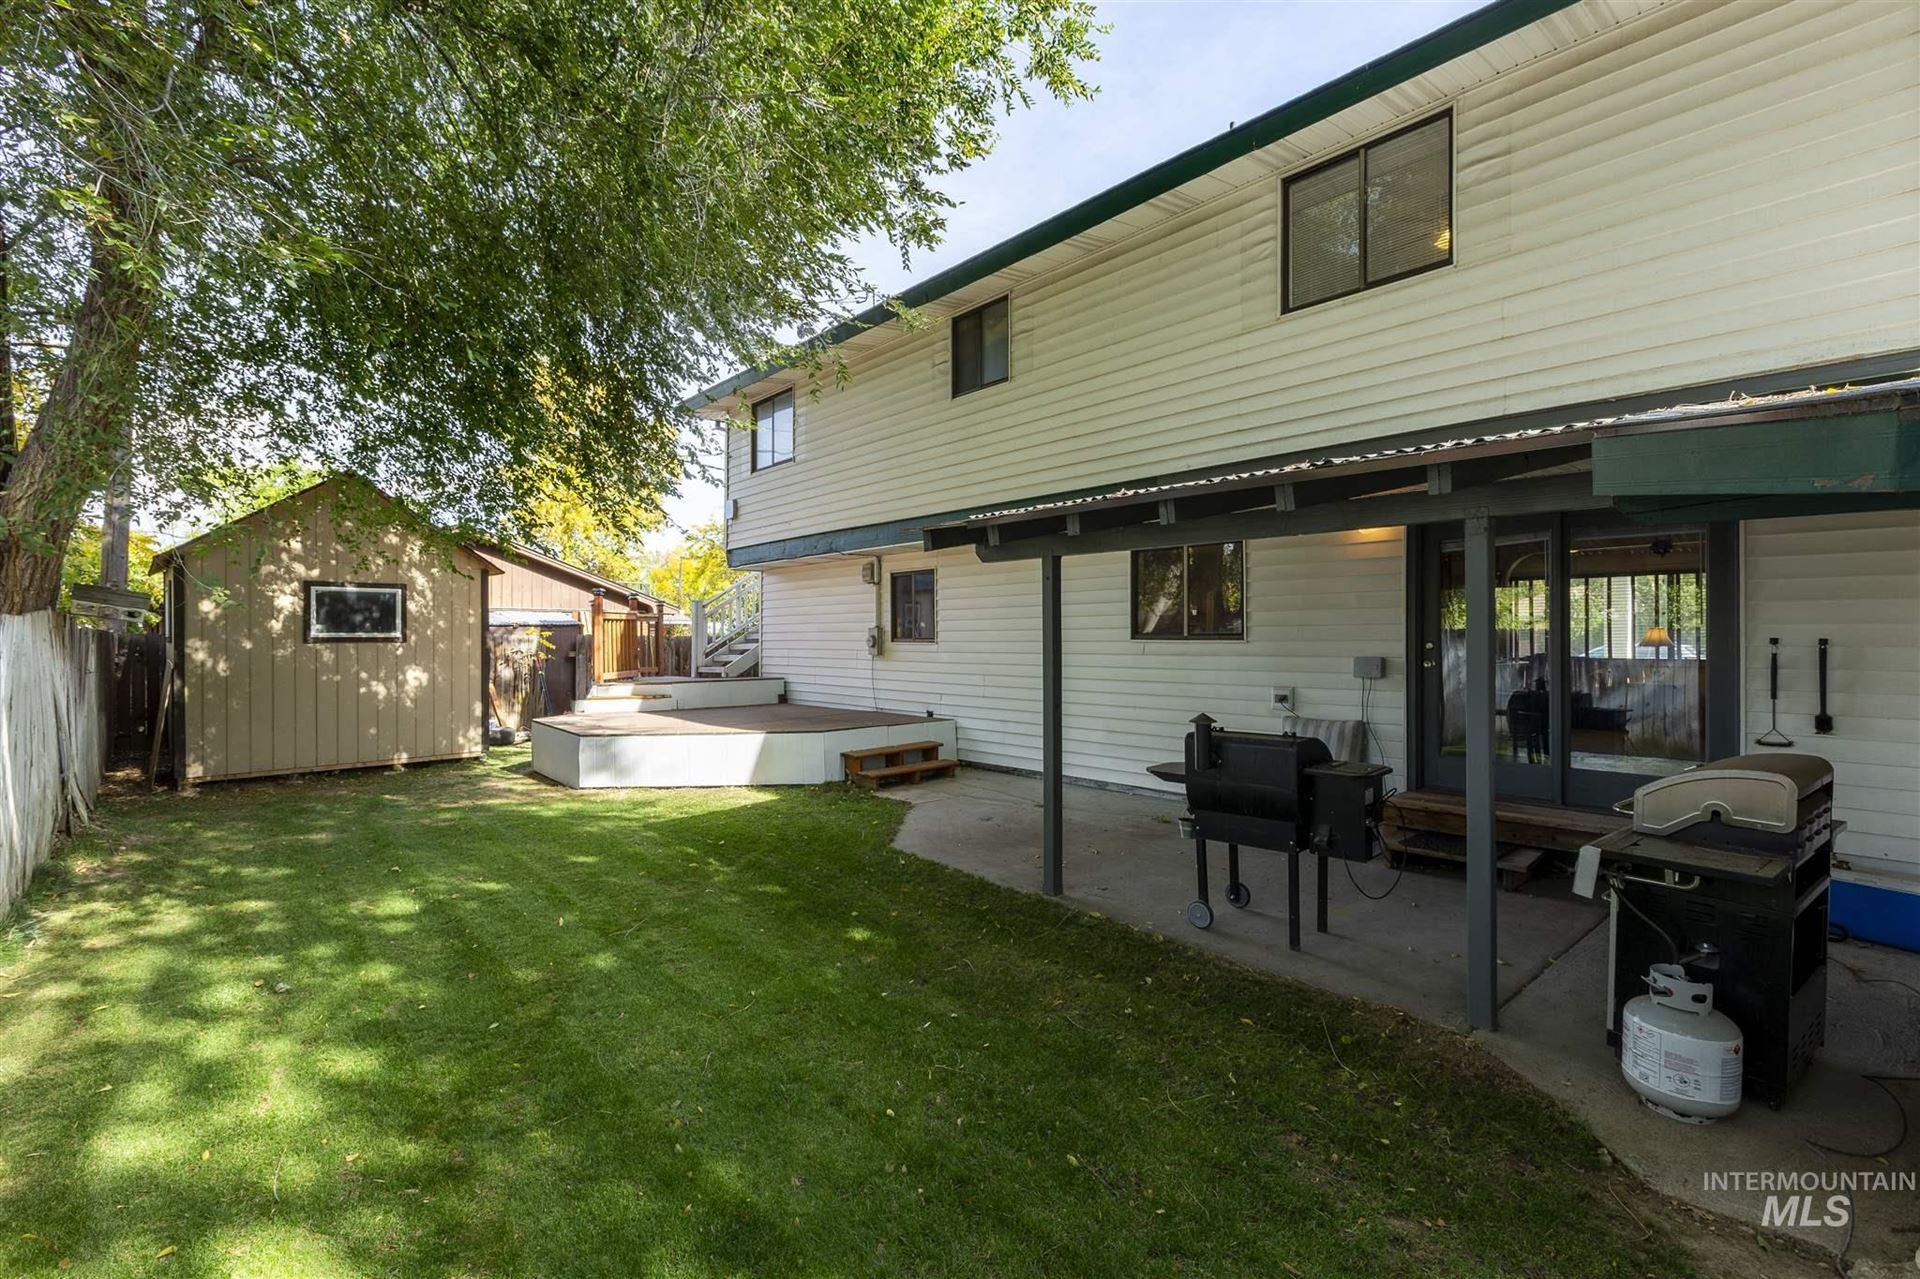 Photo of 2403 N Eldorado St., Boise, ID 83704 (MLS # 98784185)